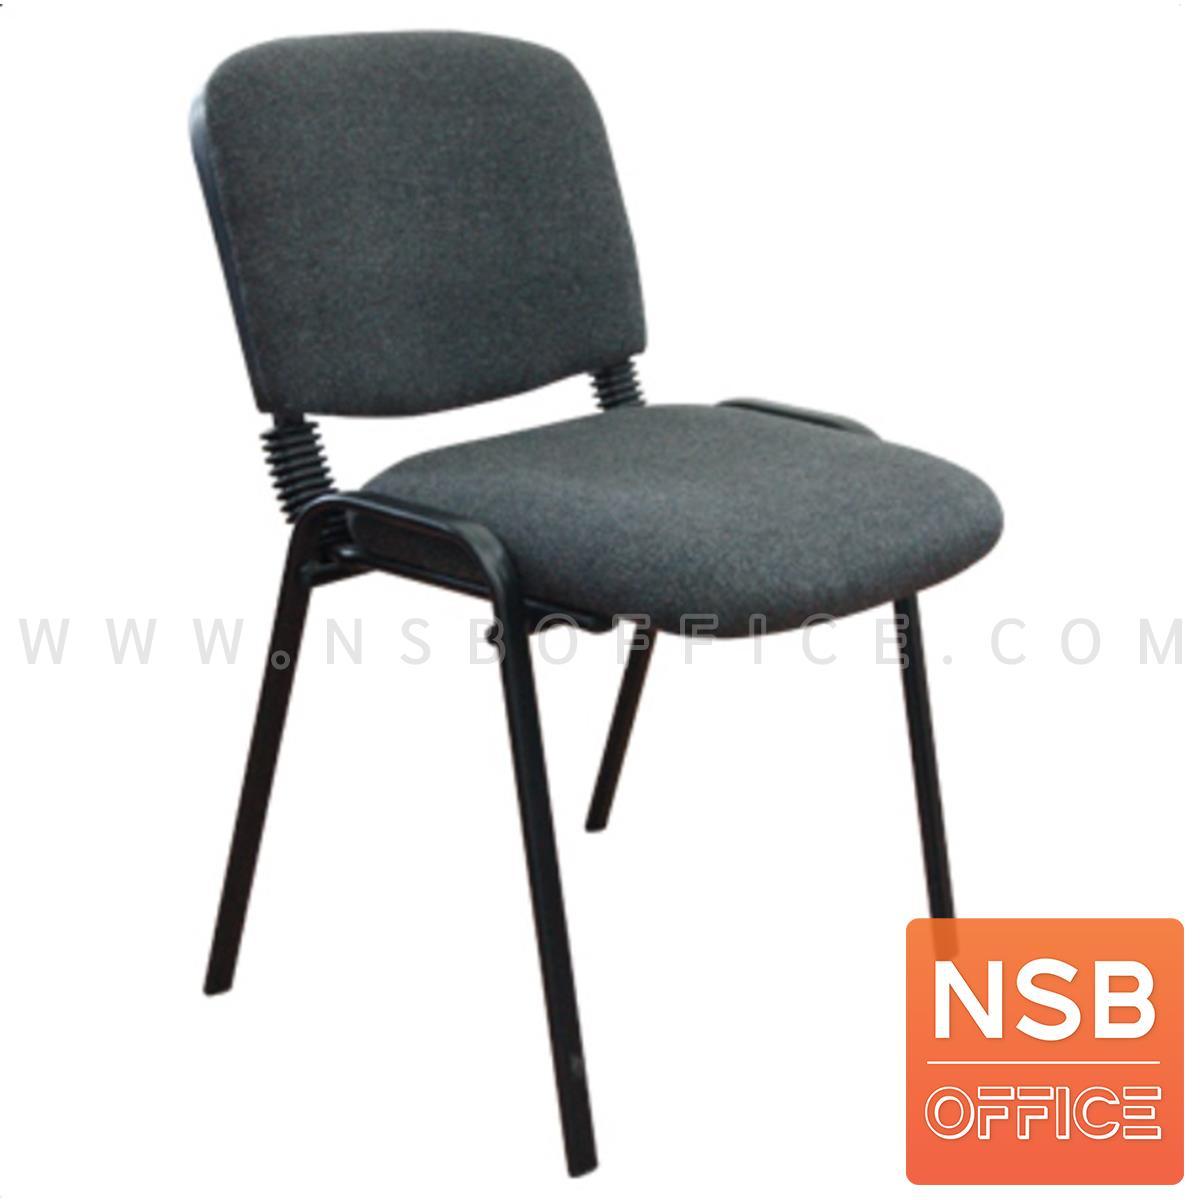 เก้าอี้อเนกประสงค์ รุ่น Gamaliel (การ์มาเลียล) ขาเหล็กพ่นดำ *จำหน่าย 1 กล่องมี 6 ตัว*